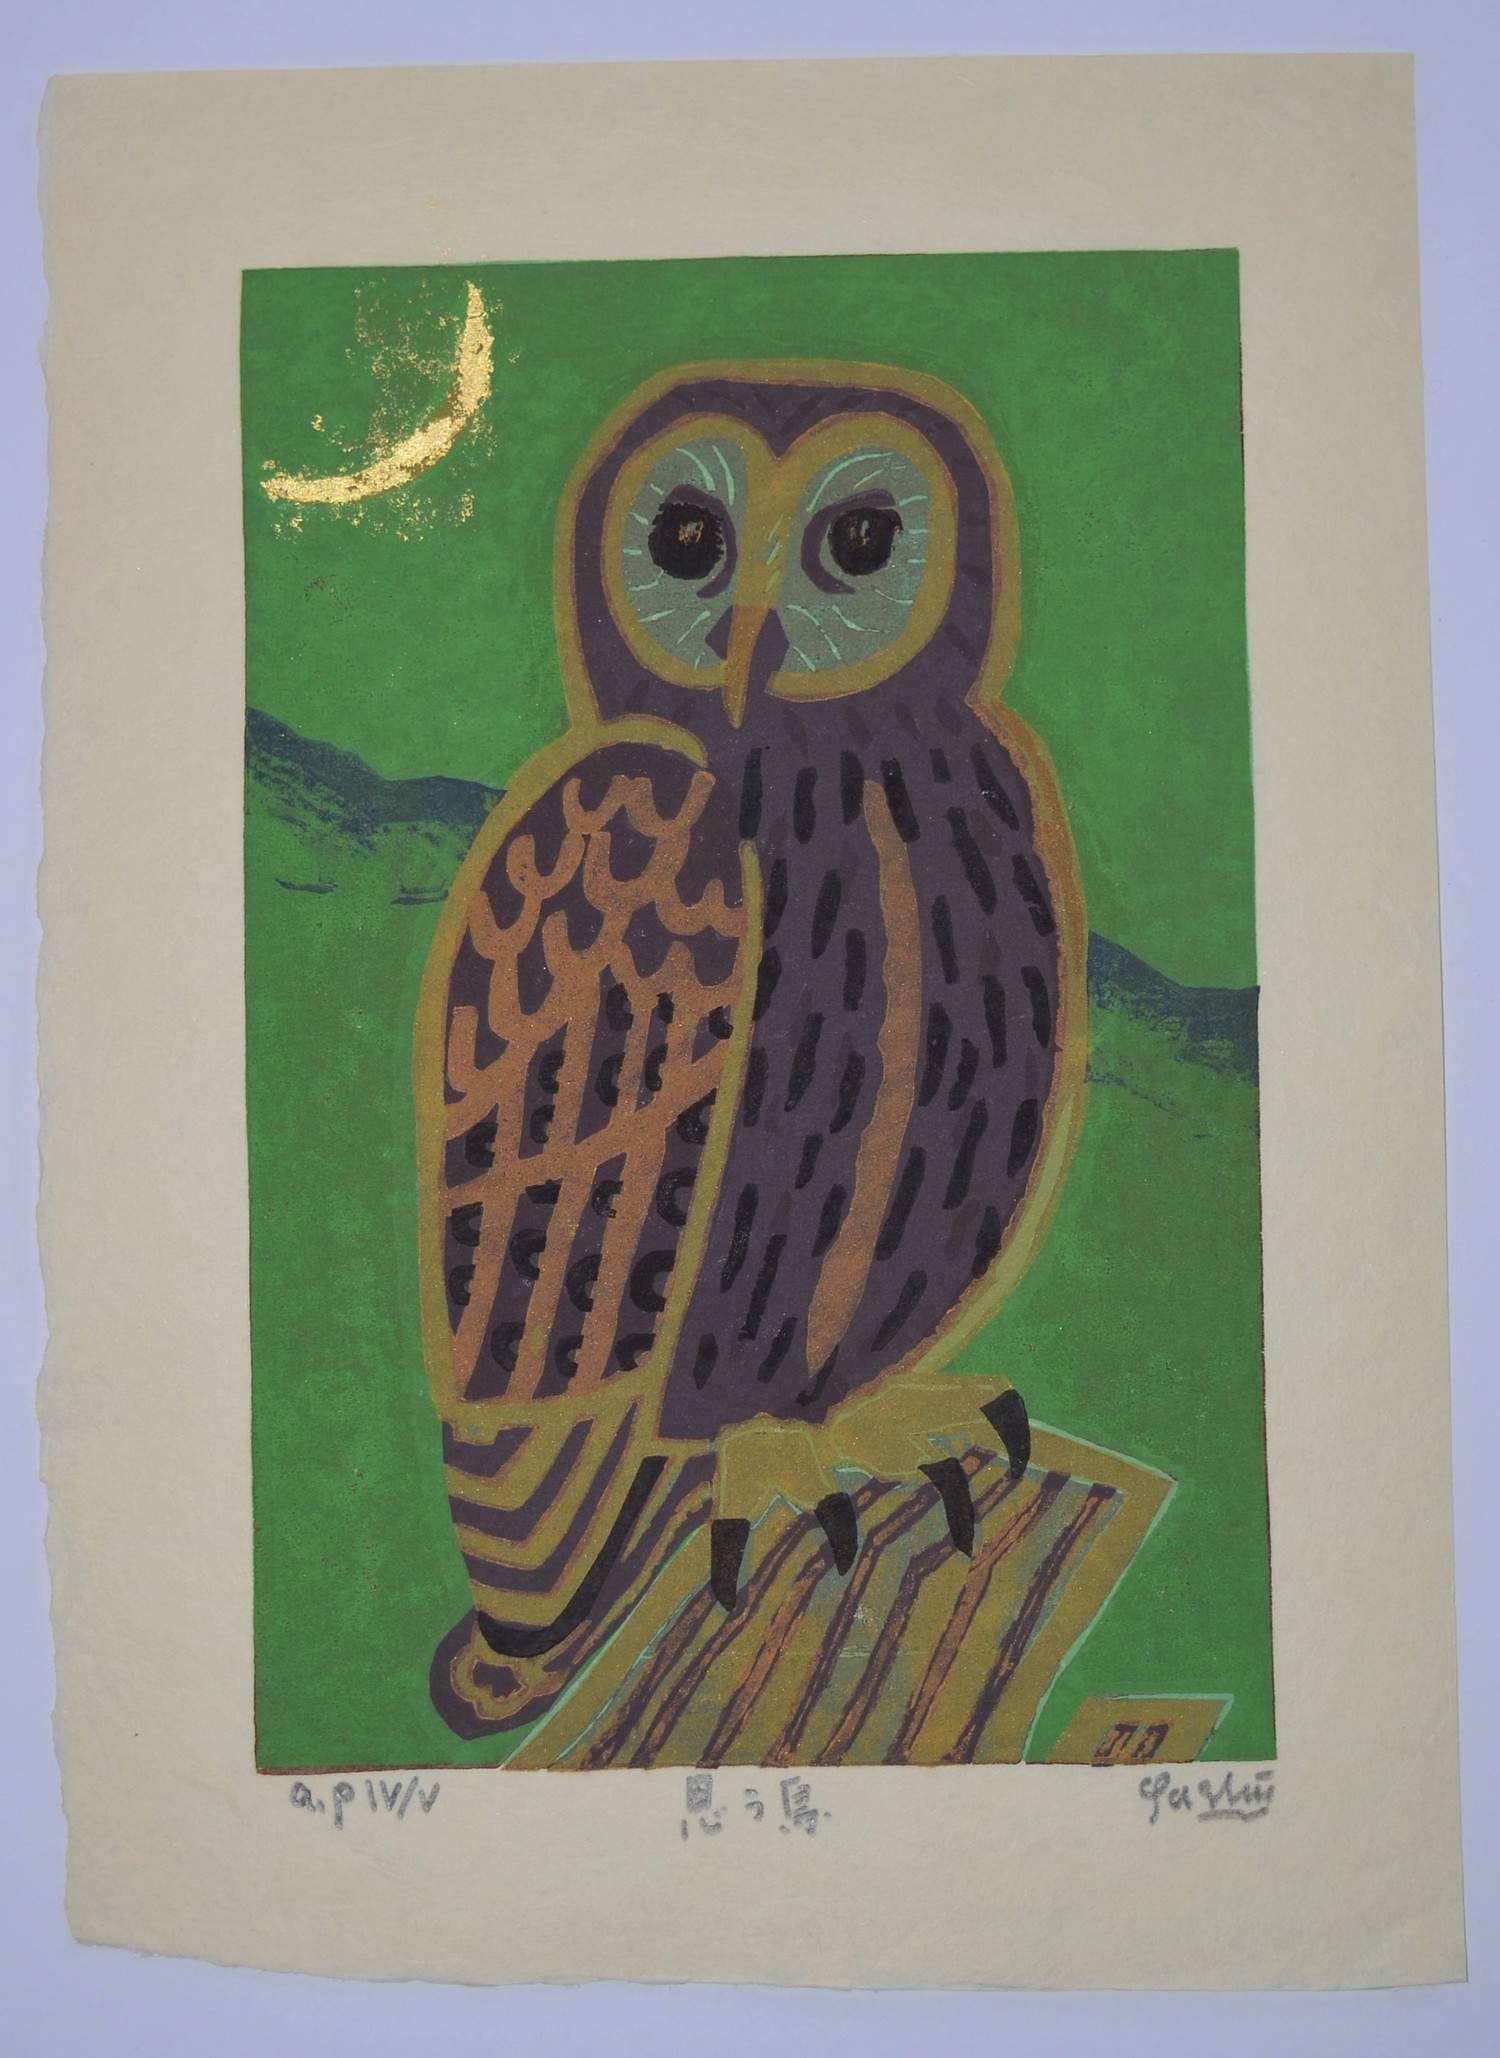 Gashu Fukami: Pondering Bird